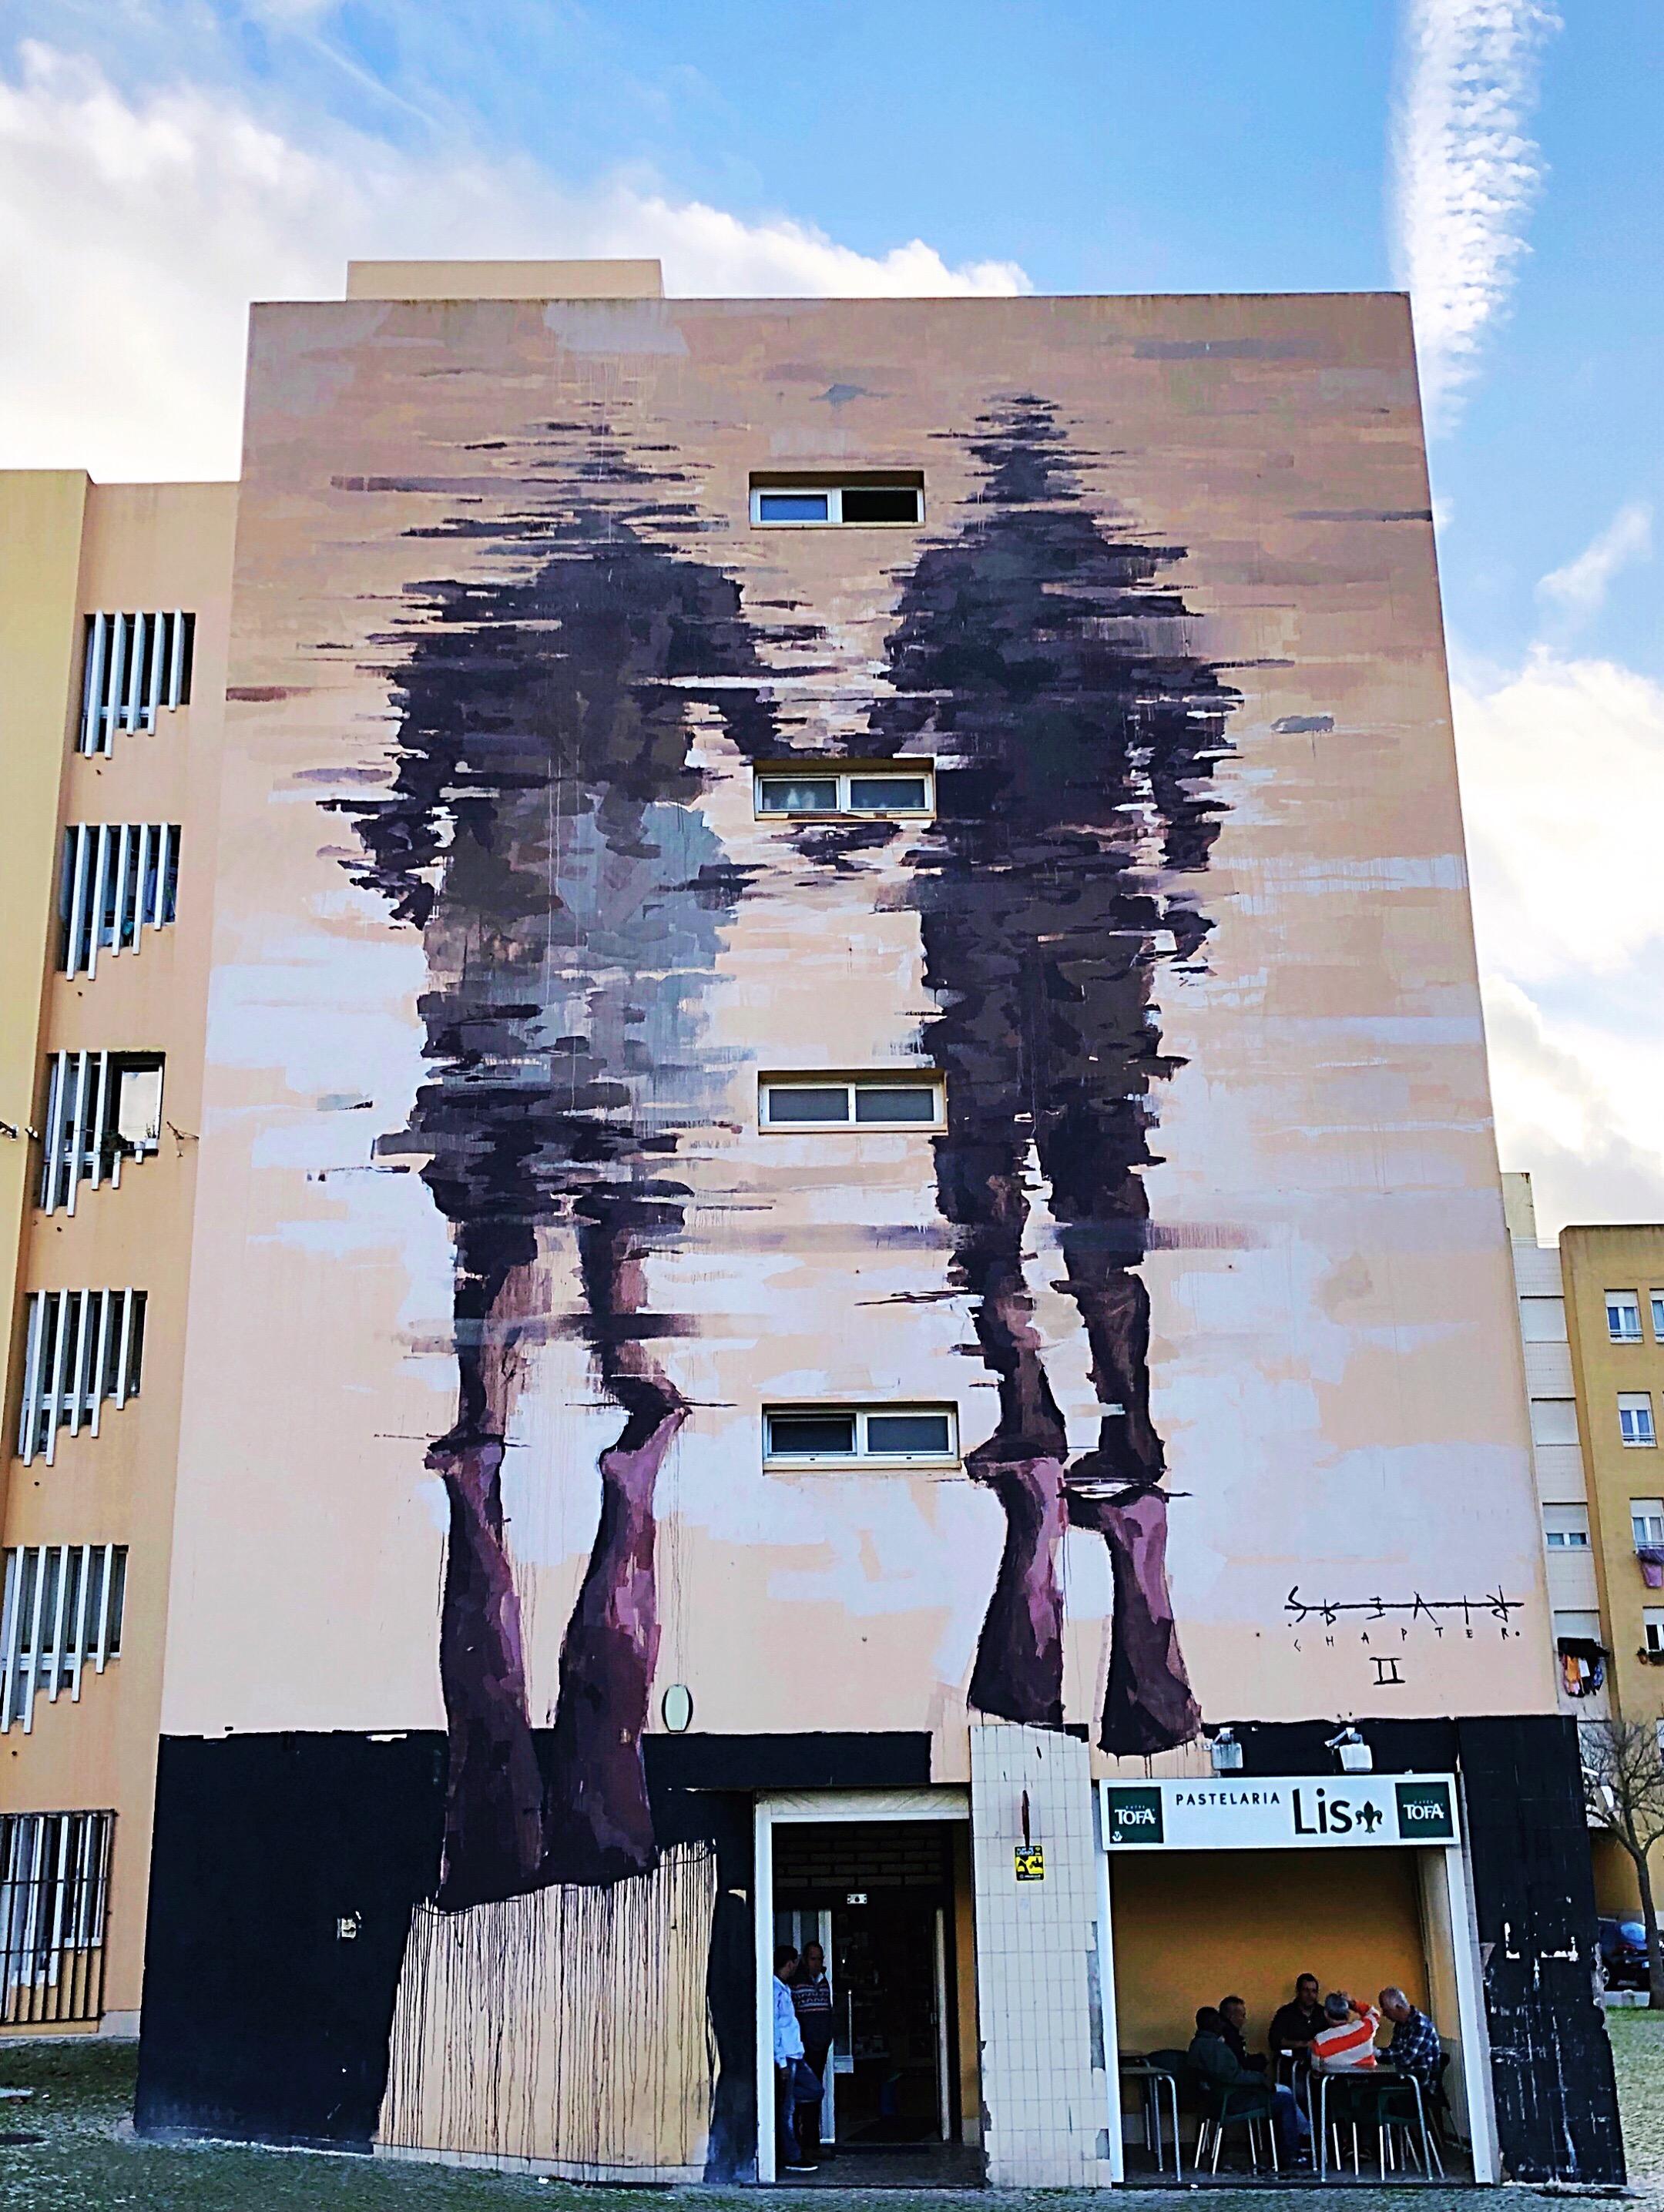 Art by Borondo